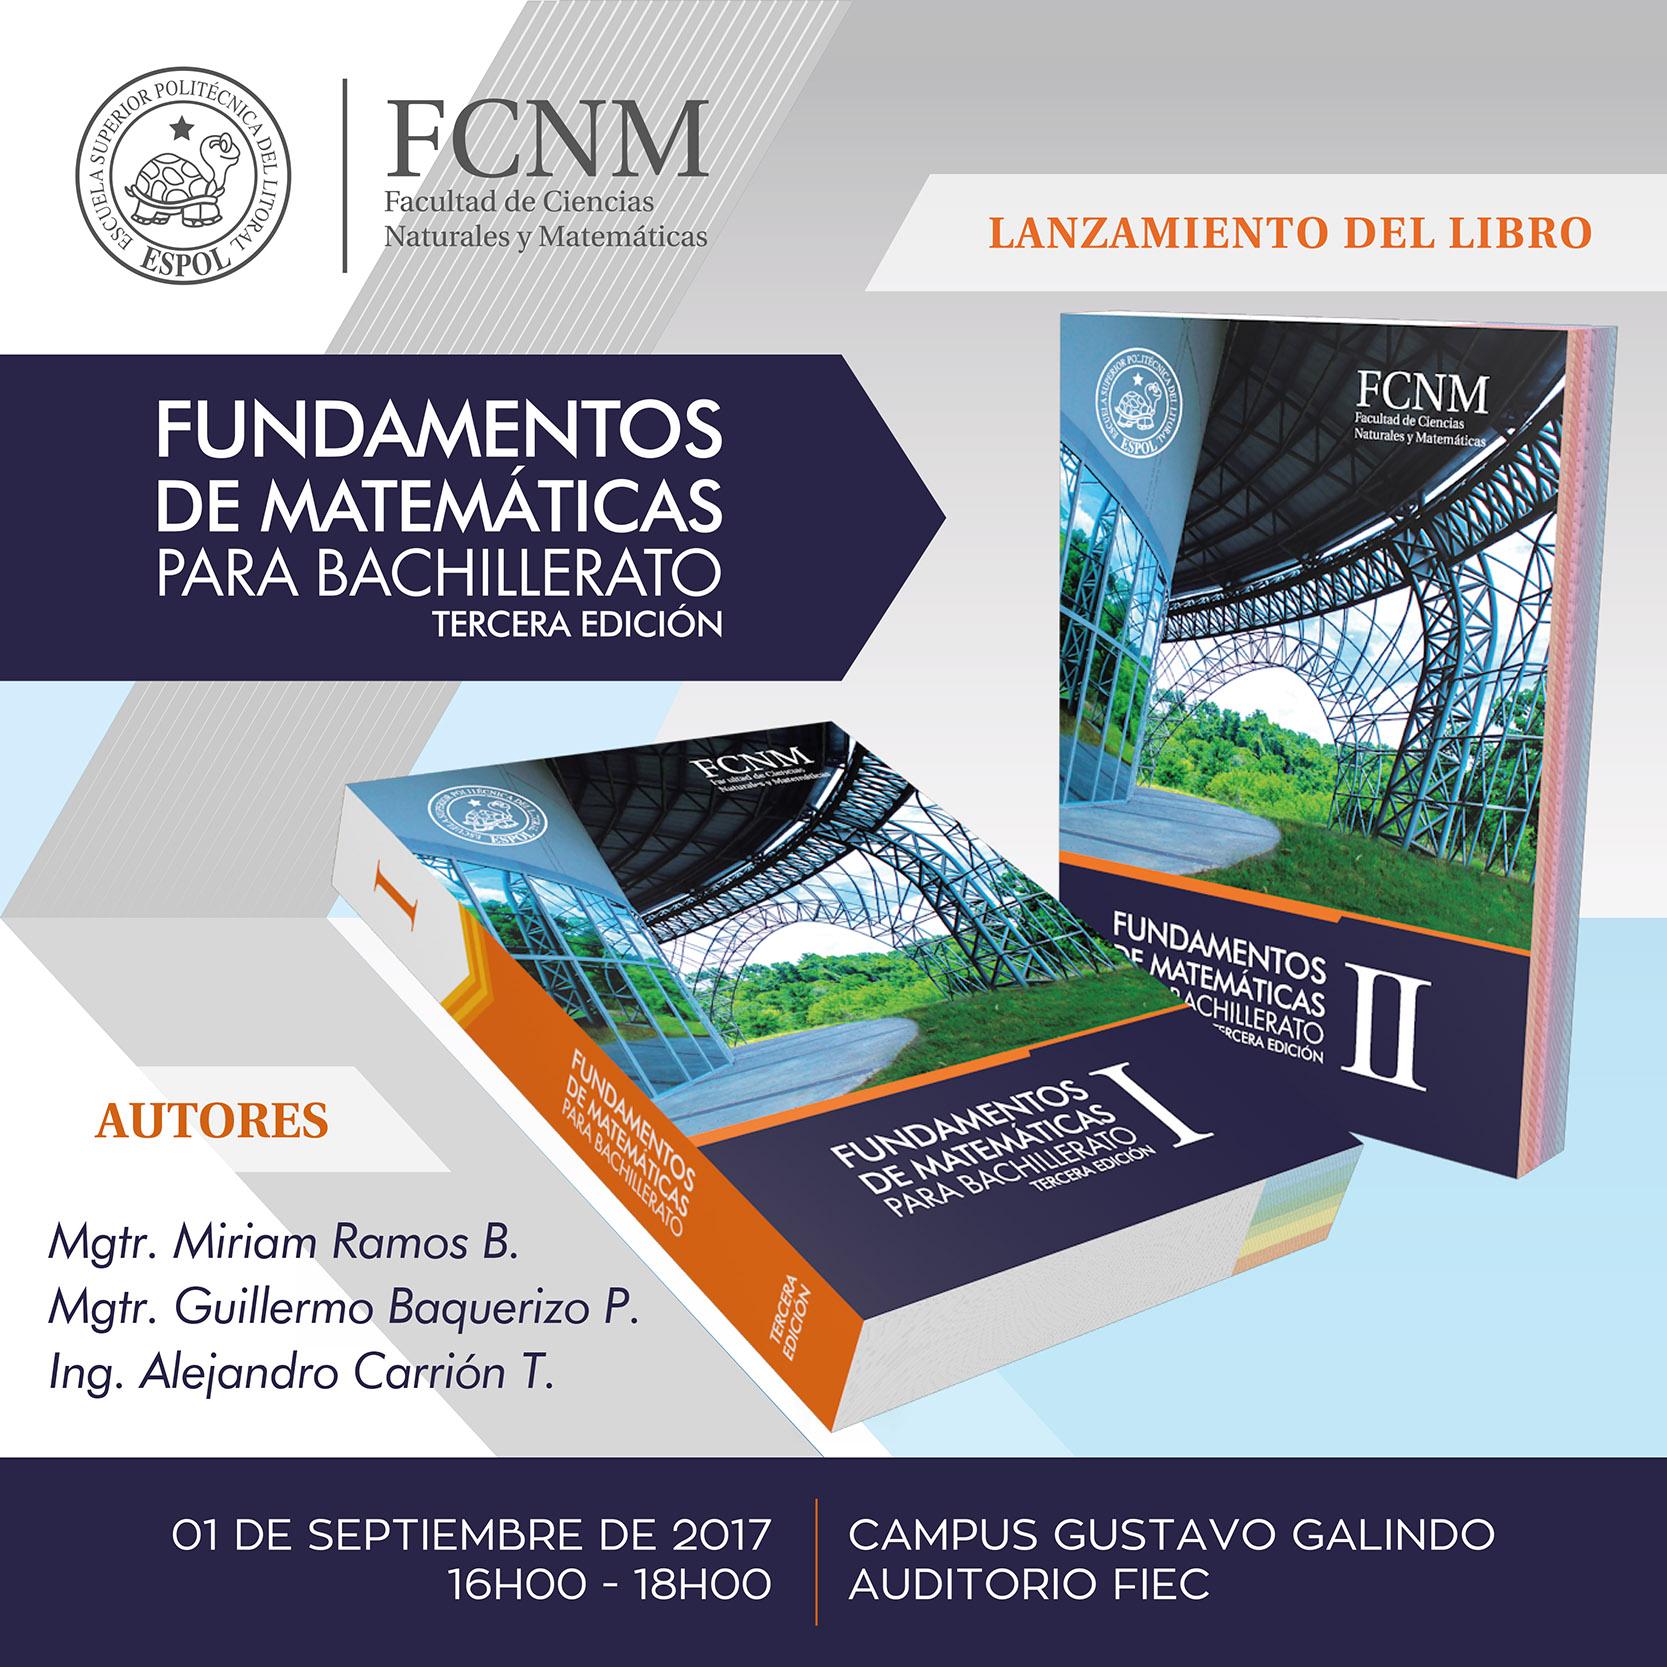 Presentación de la tercera edición del Libro Fundamentos de Matemáticas para Bachillerato